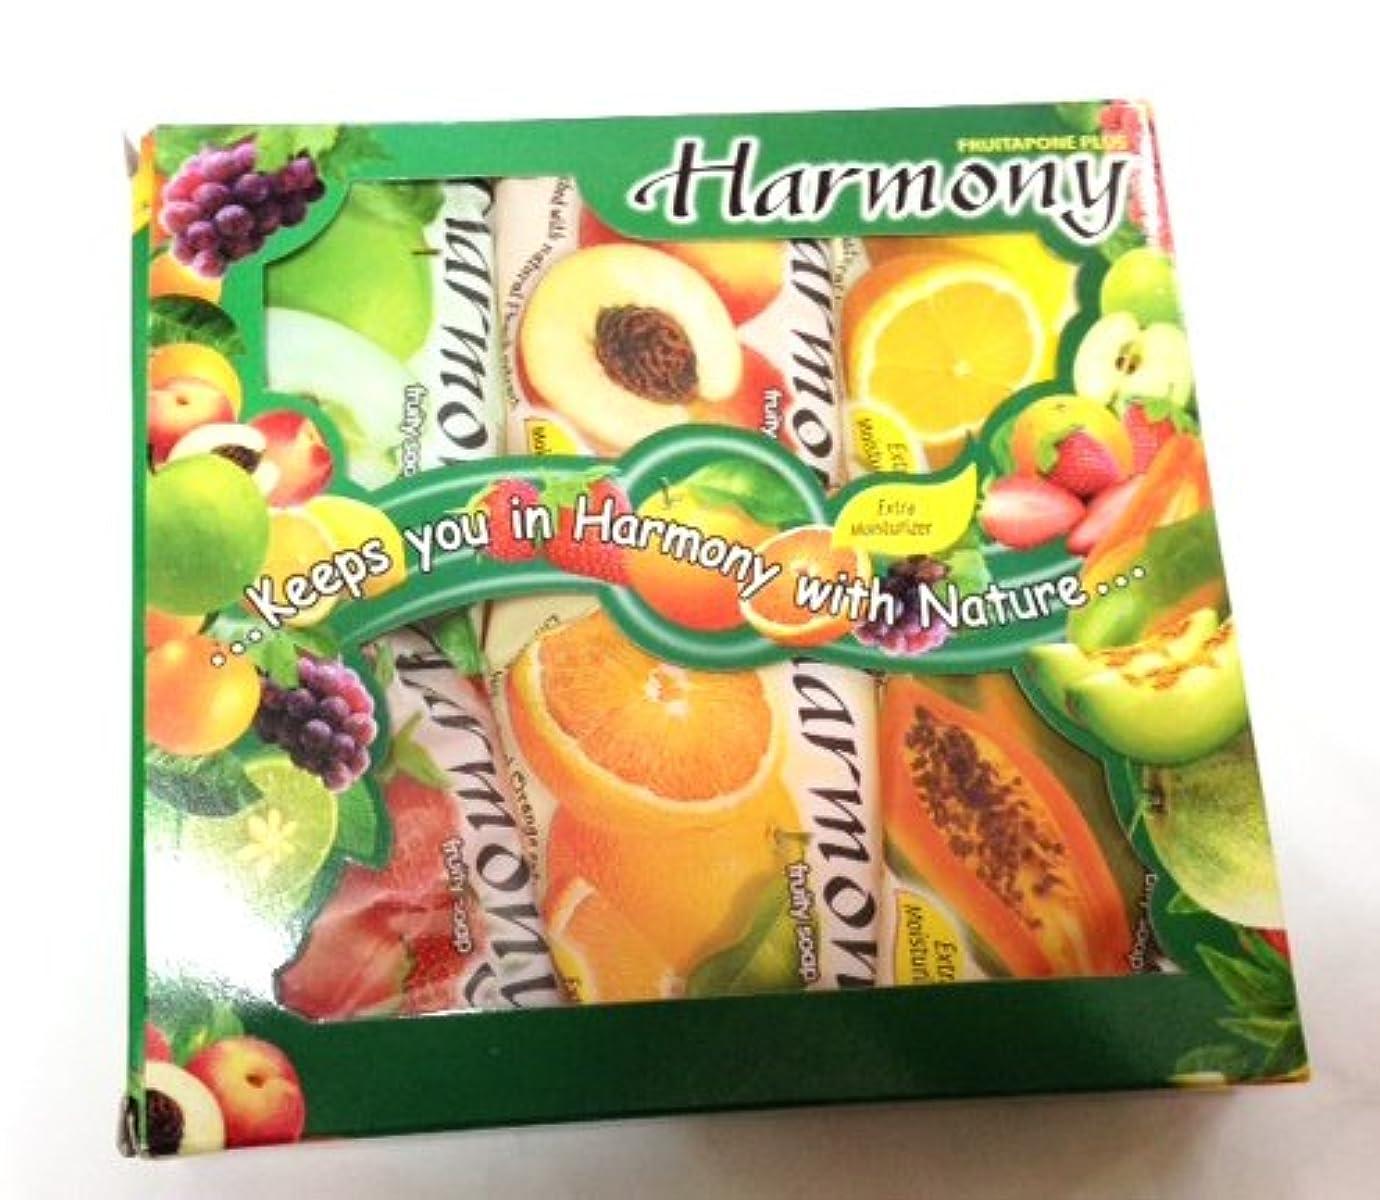 に沿って主婦悪夢ハーモニー フルーティーソープ 6個セット パパイヤ ピーチ オレンジ レモン アップル イチゴ